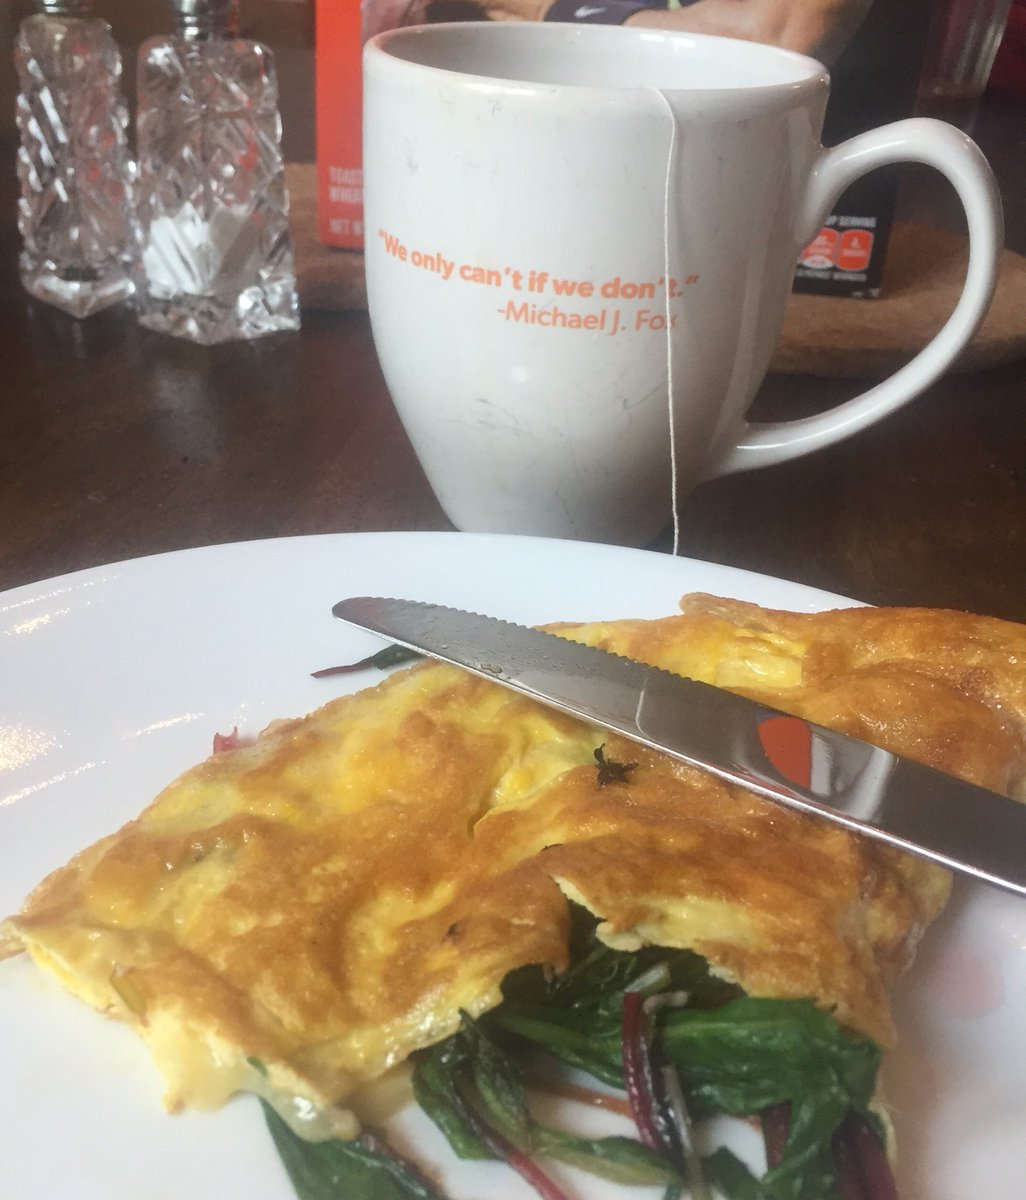 Finally, breakfast.